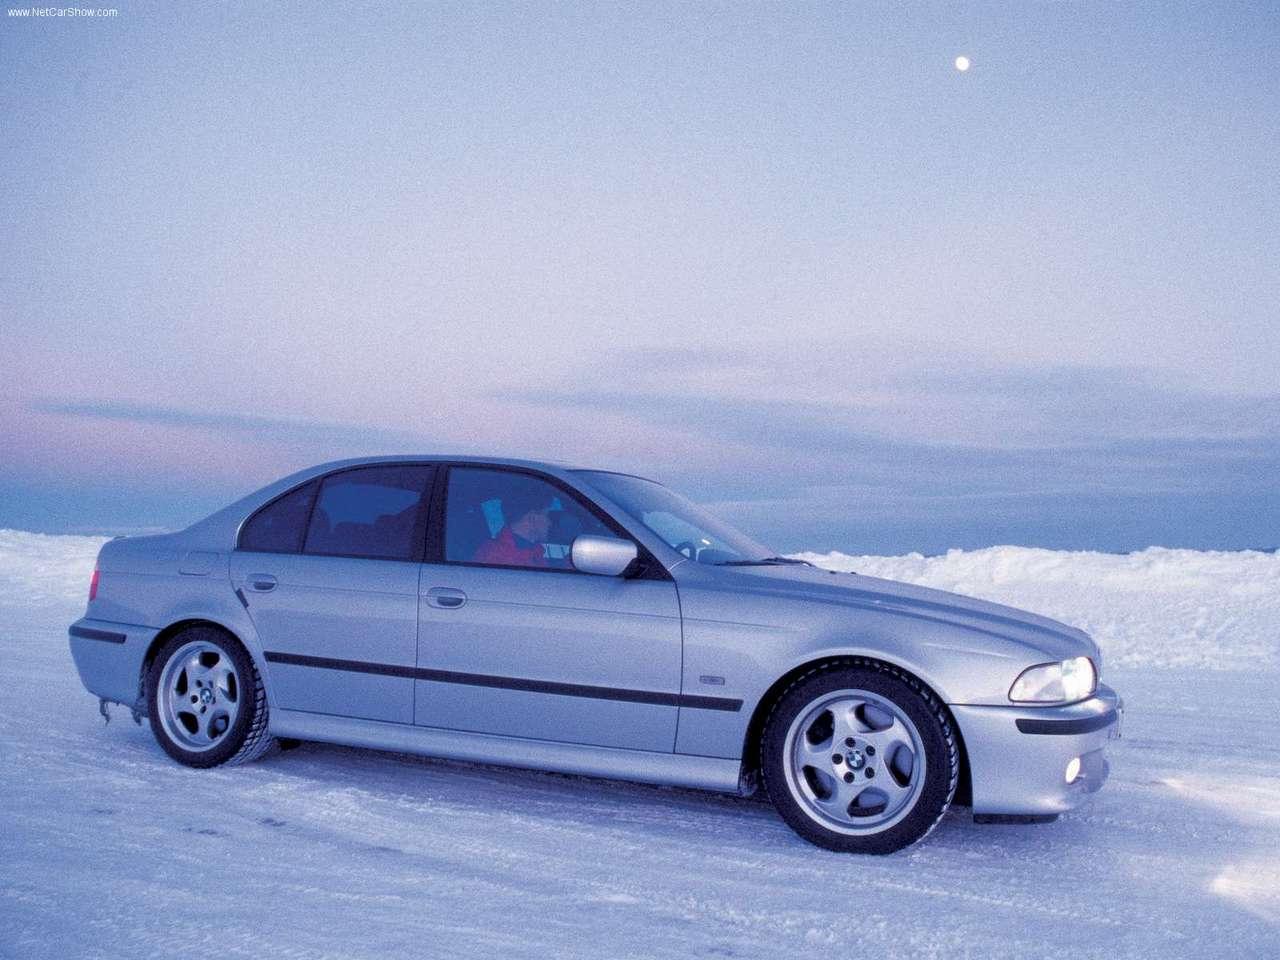 http://4.bp.blogspot.com/_xhqjRo6NERQ/S68mBRuh76I/AAAAAAAAGdU/EuEgmMvoA30/s1600/BMW-M5_2001_1280x960_wallpaper_05.jpg